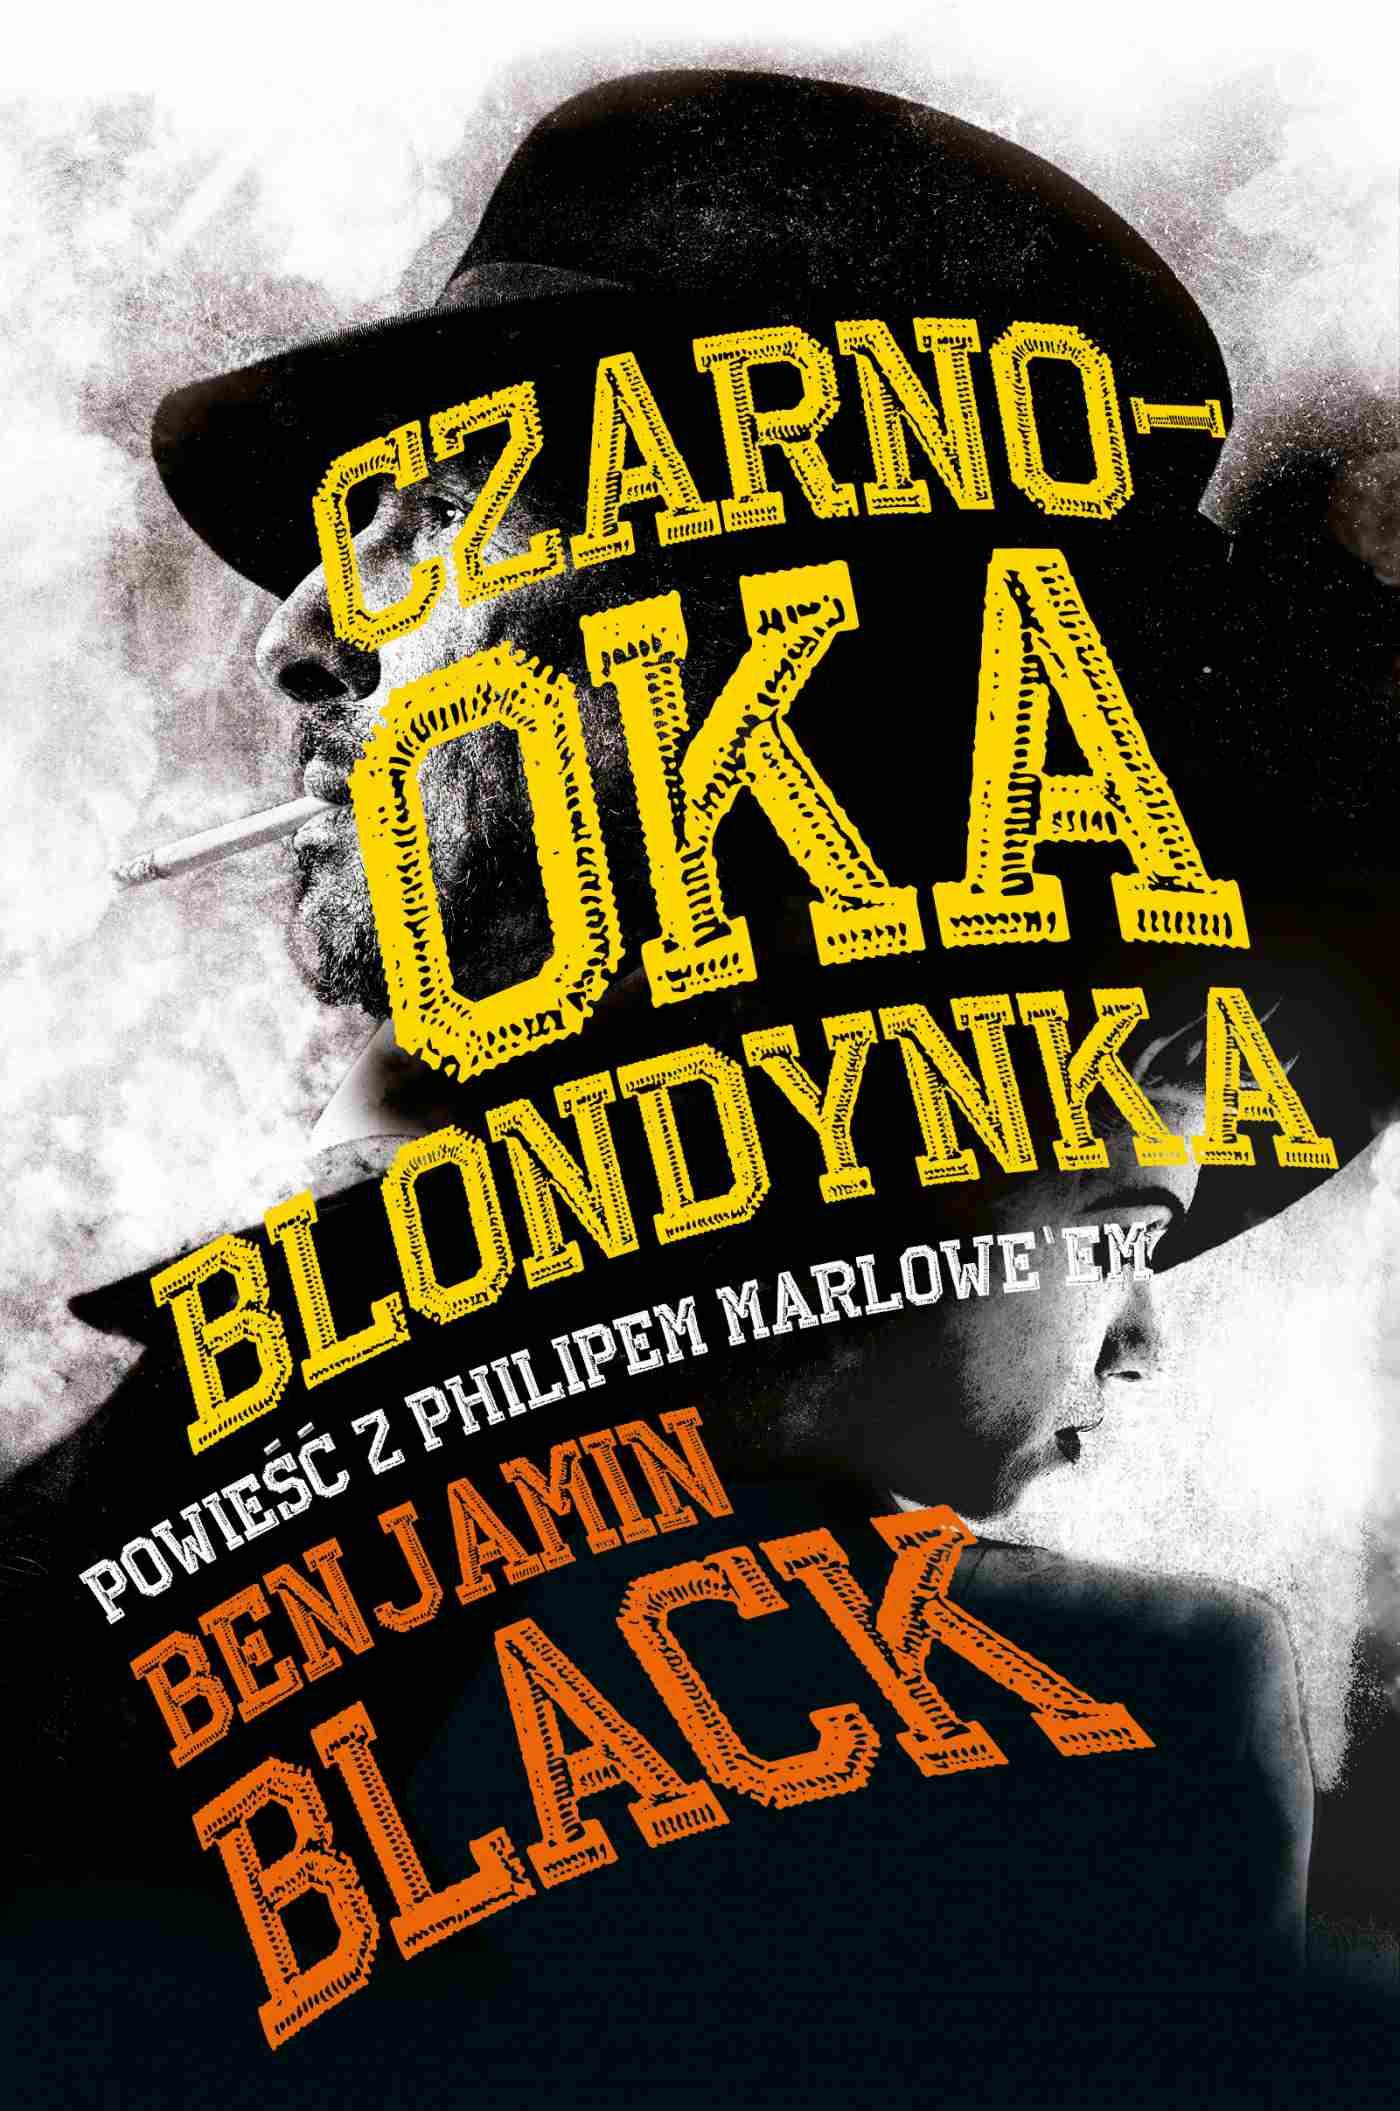 Czarnooka blondynka - Ebook (Książka EPUB) do pobrania w formacie EPUB